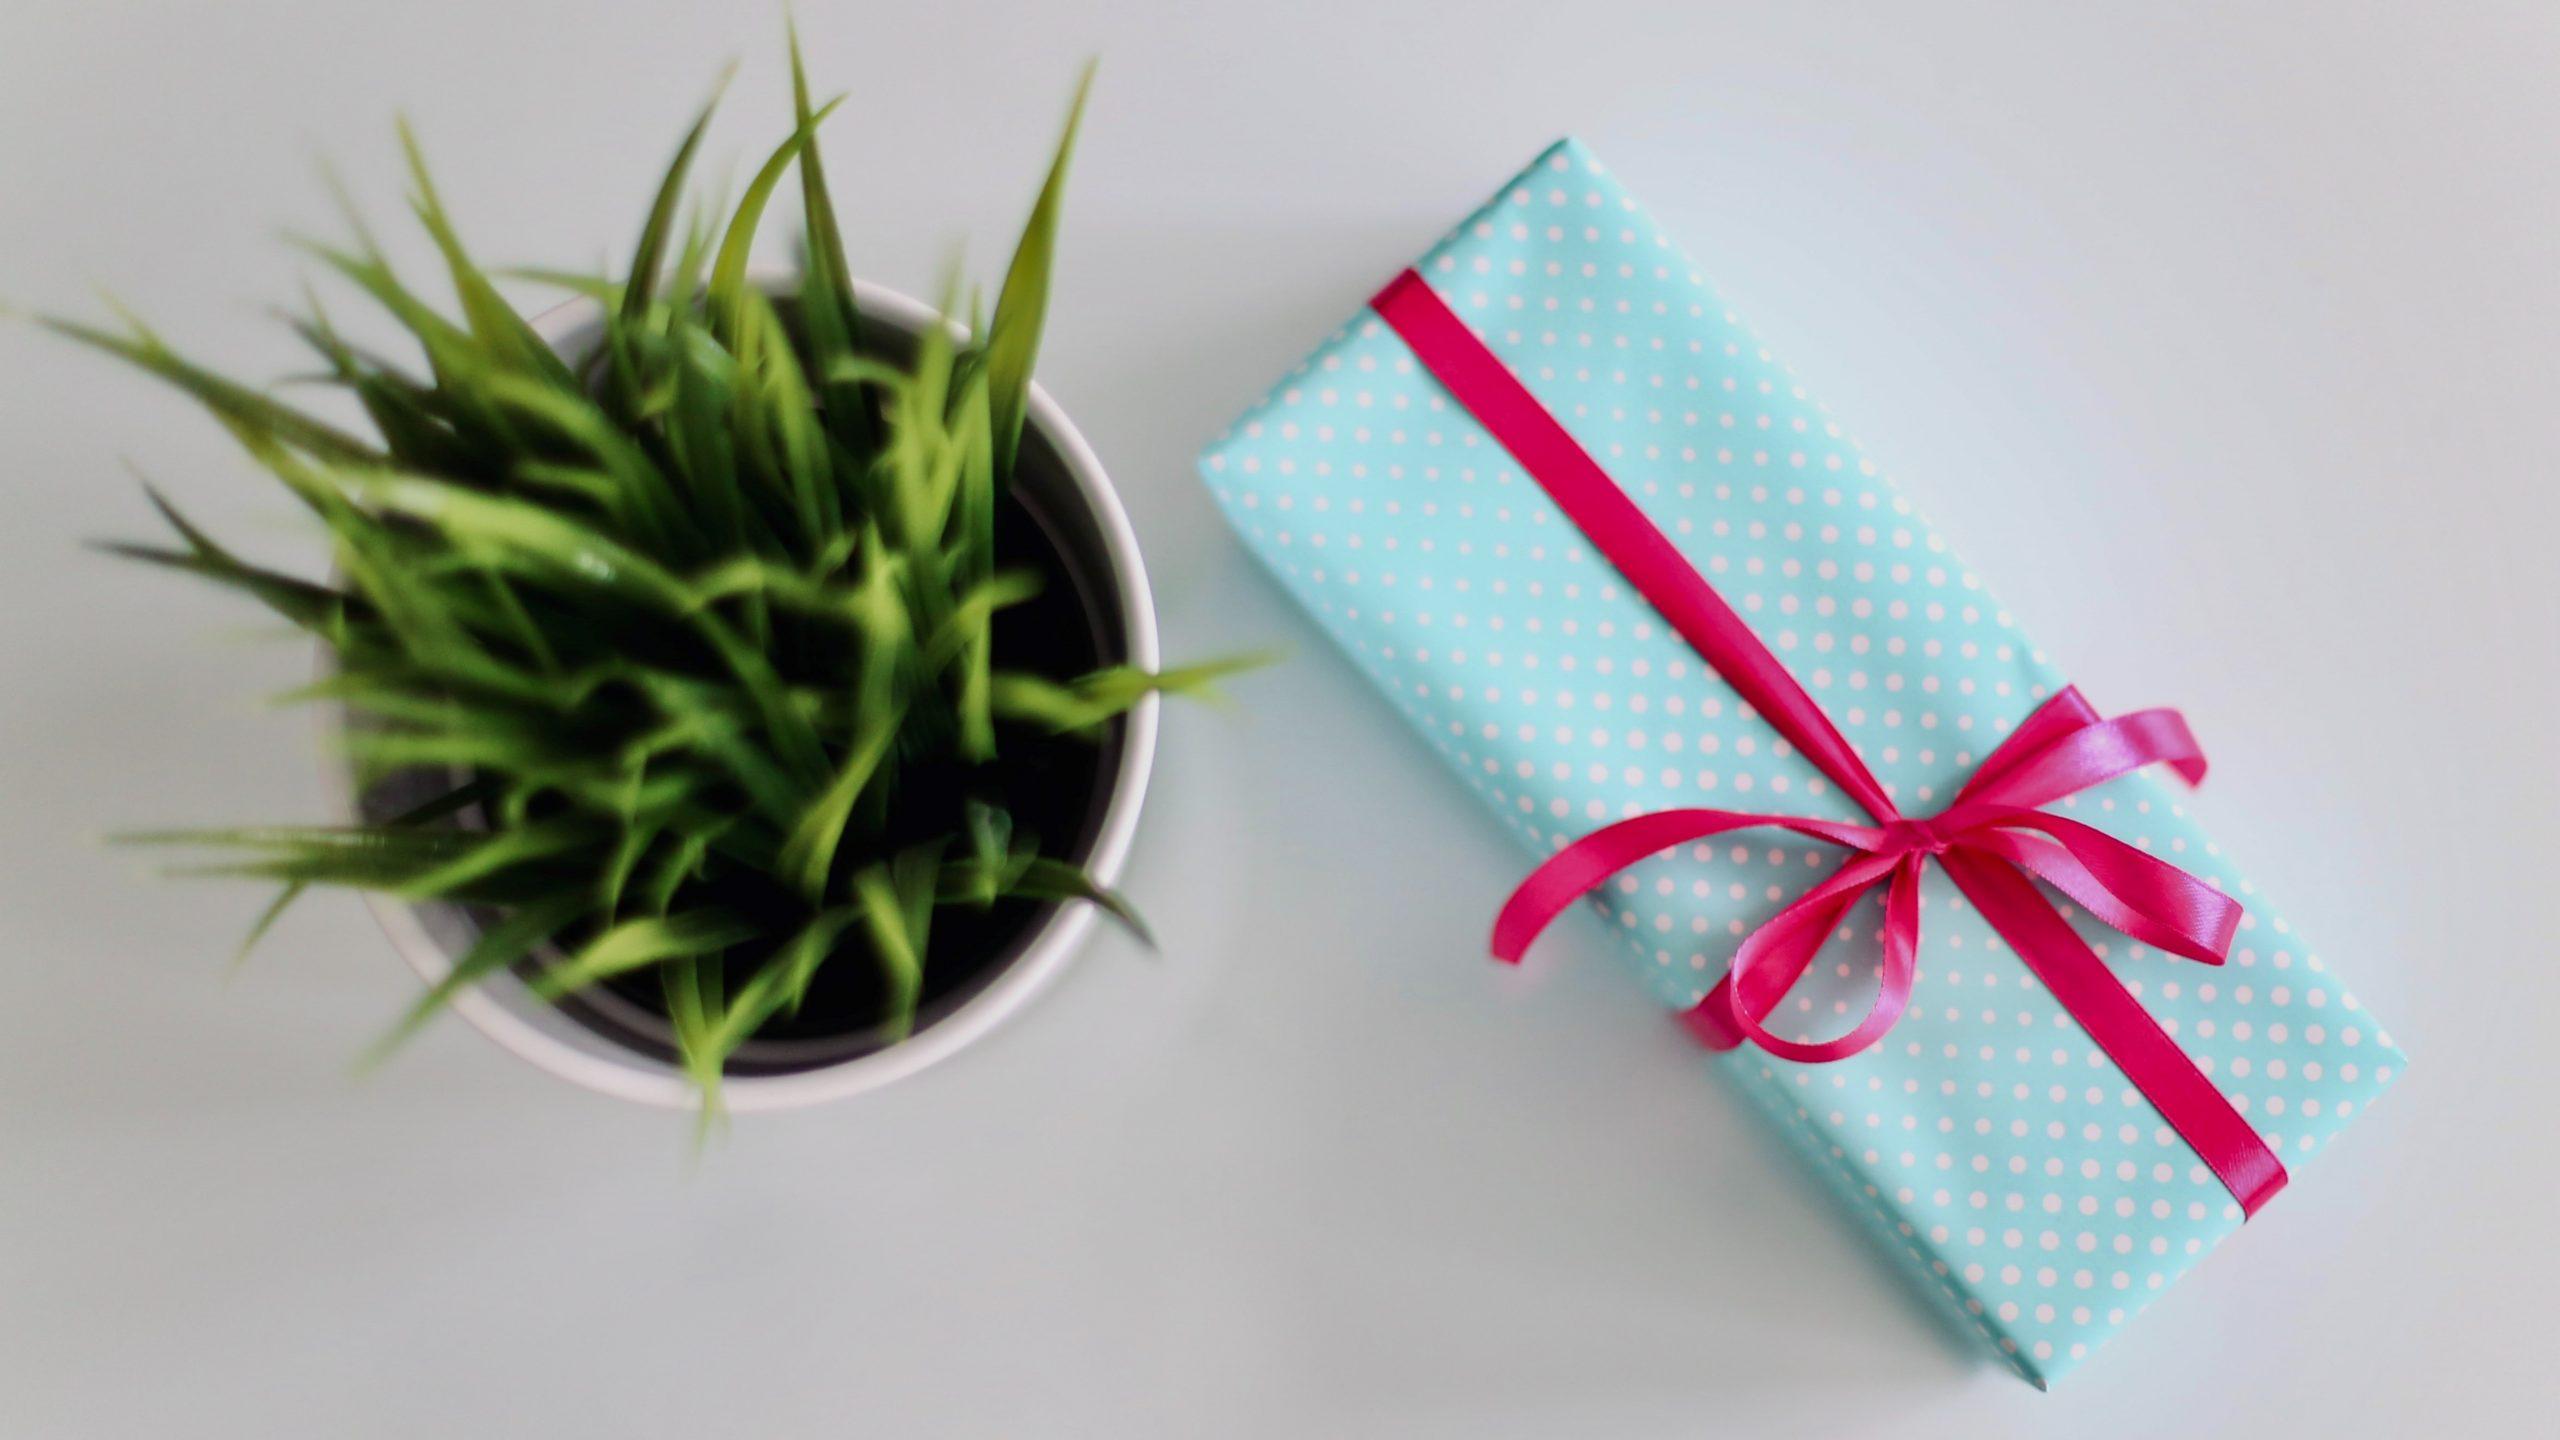 10 regali divertenti ed economici per la Festa della Donna thumbnail